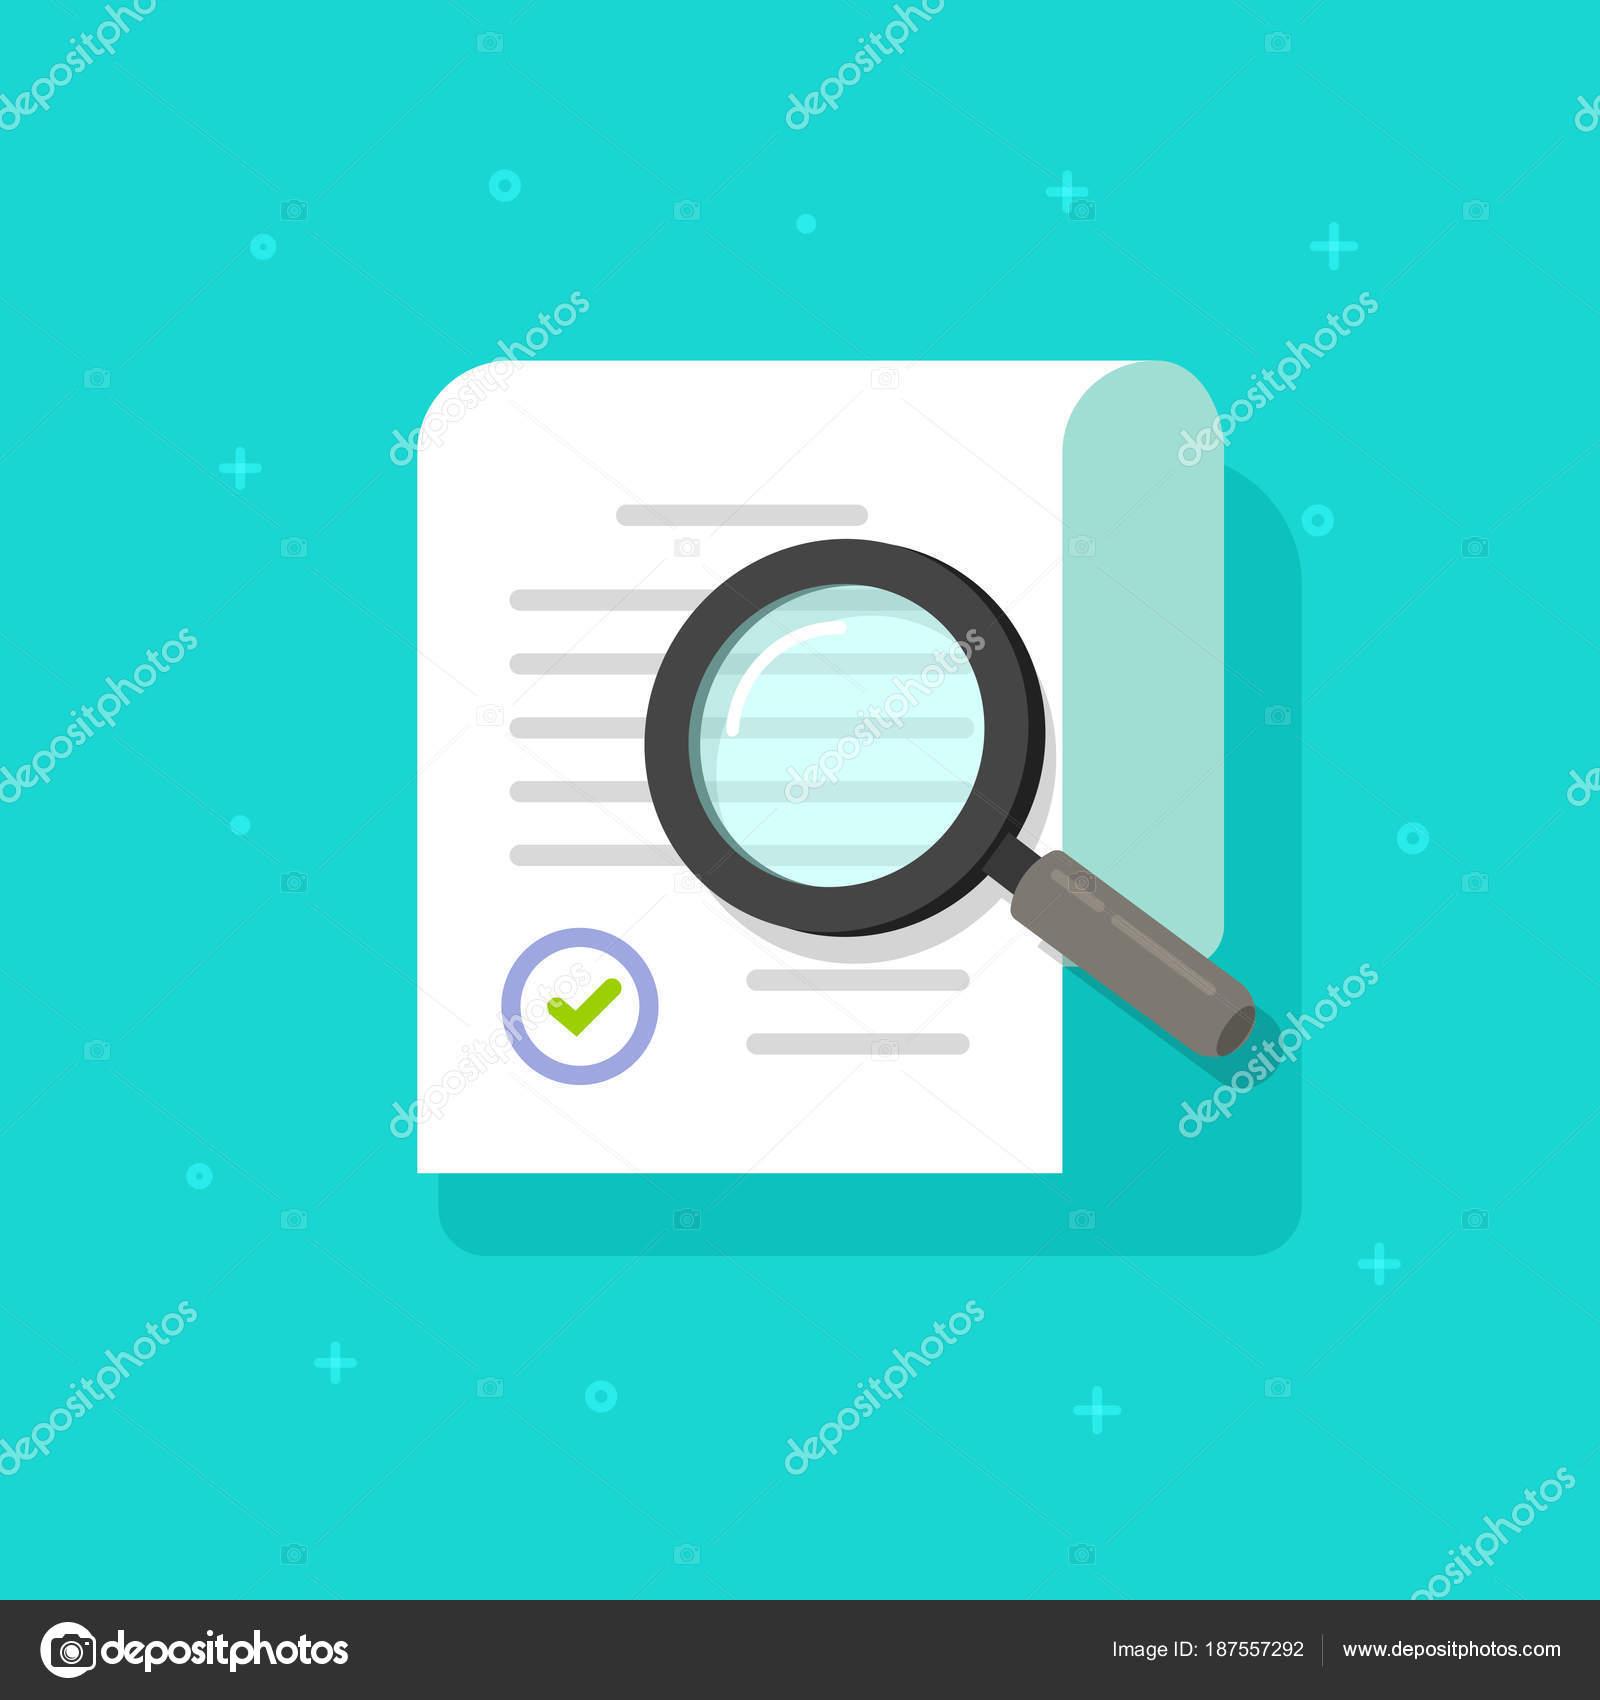 Documento de investigación vector Ilustración, plana doc de hoja de ...